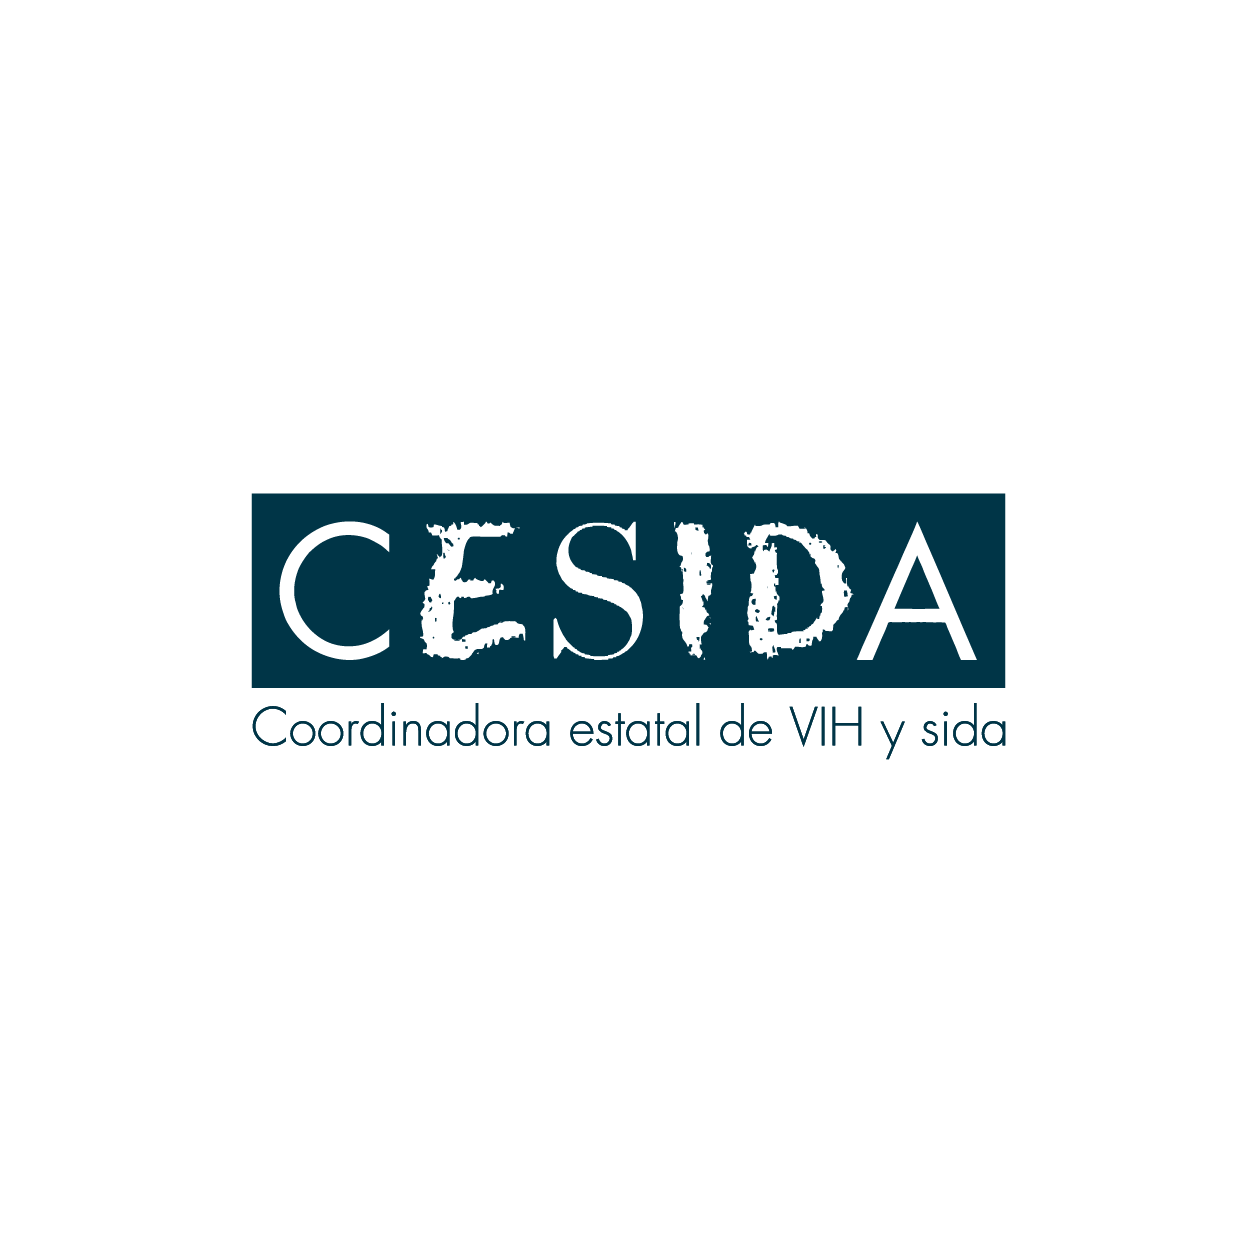 logos-landing_logo-CESIDA-landing.png